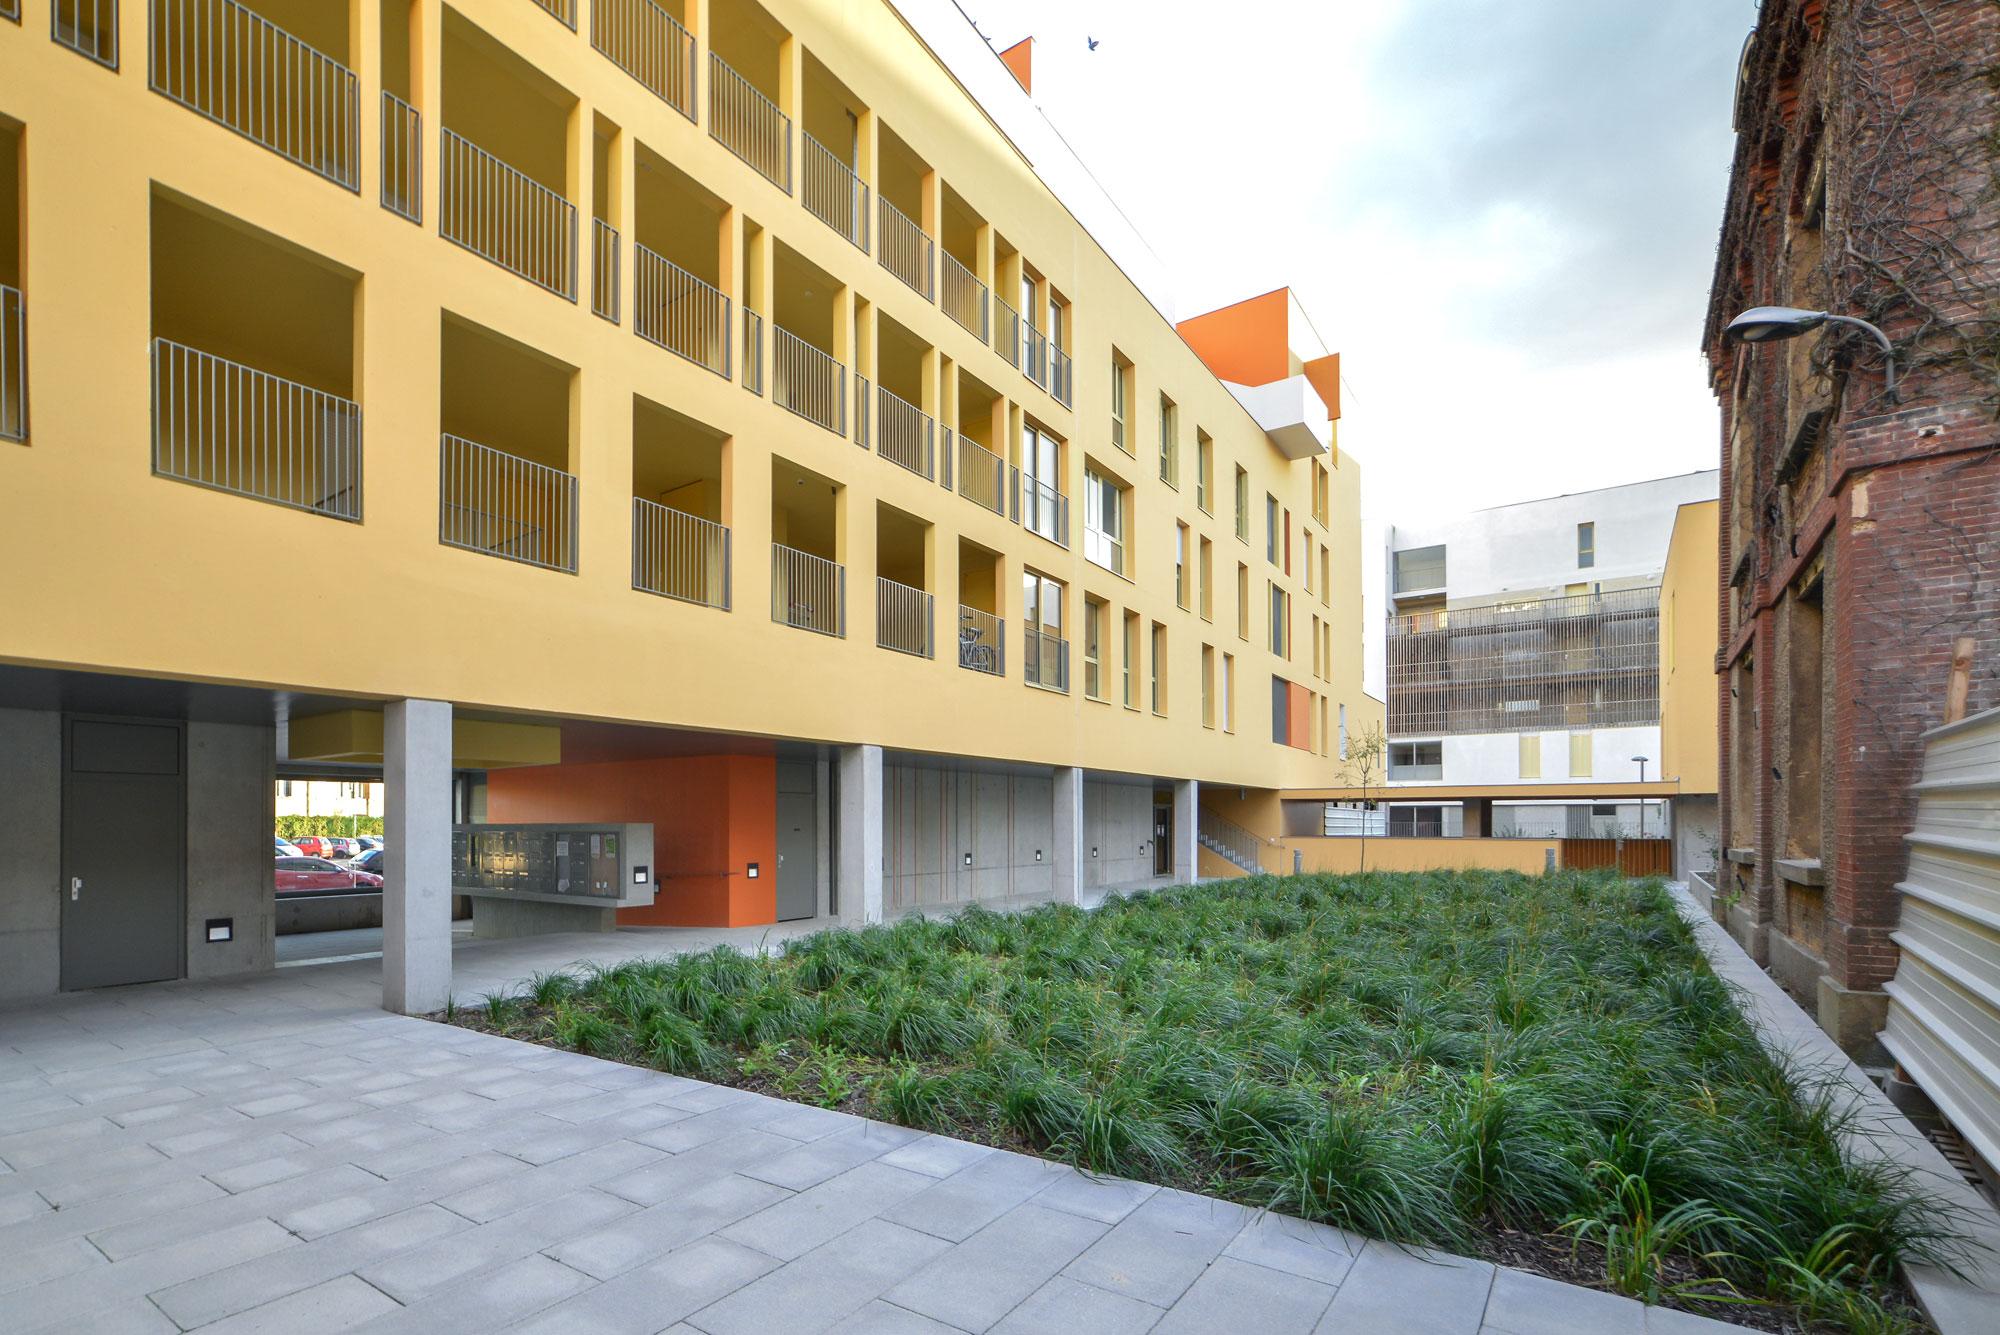 Logements Atelier JAM à Brétigny - Cour du bâtiment